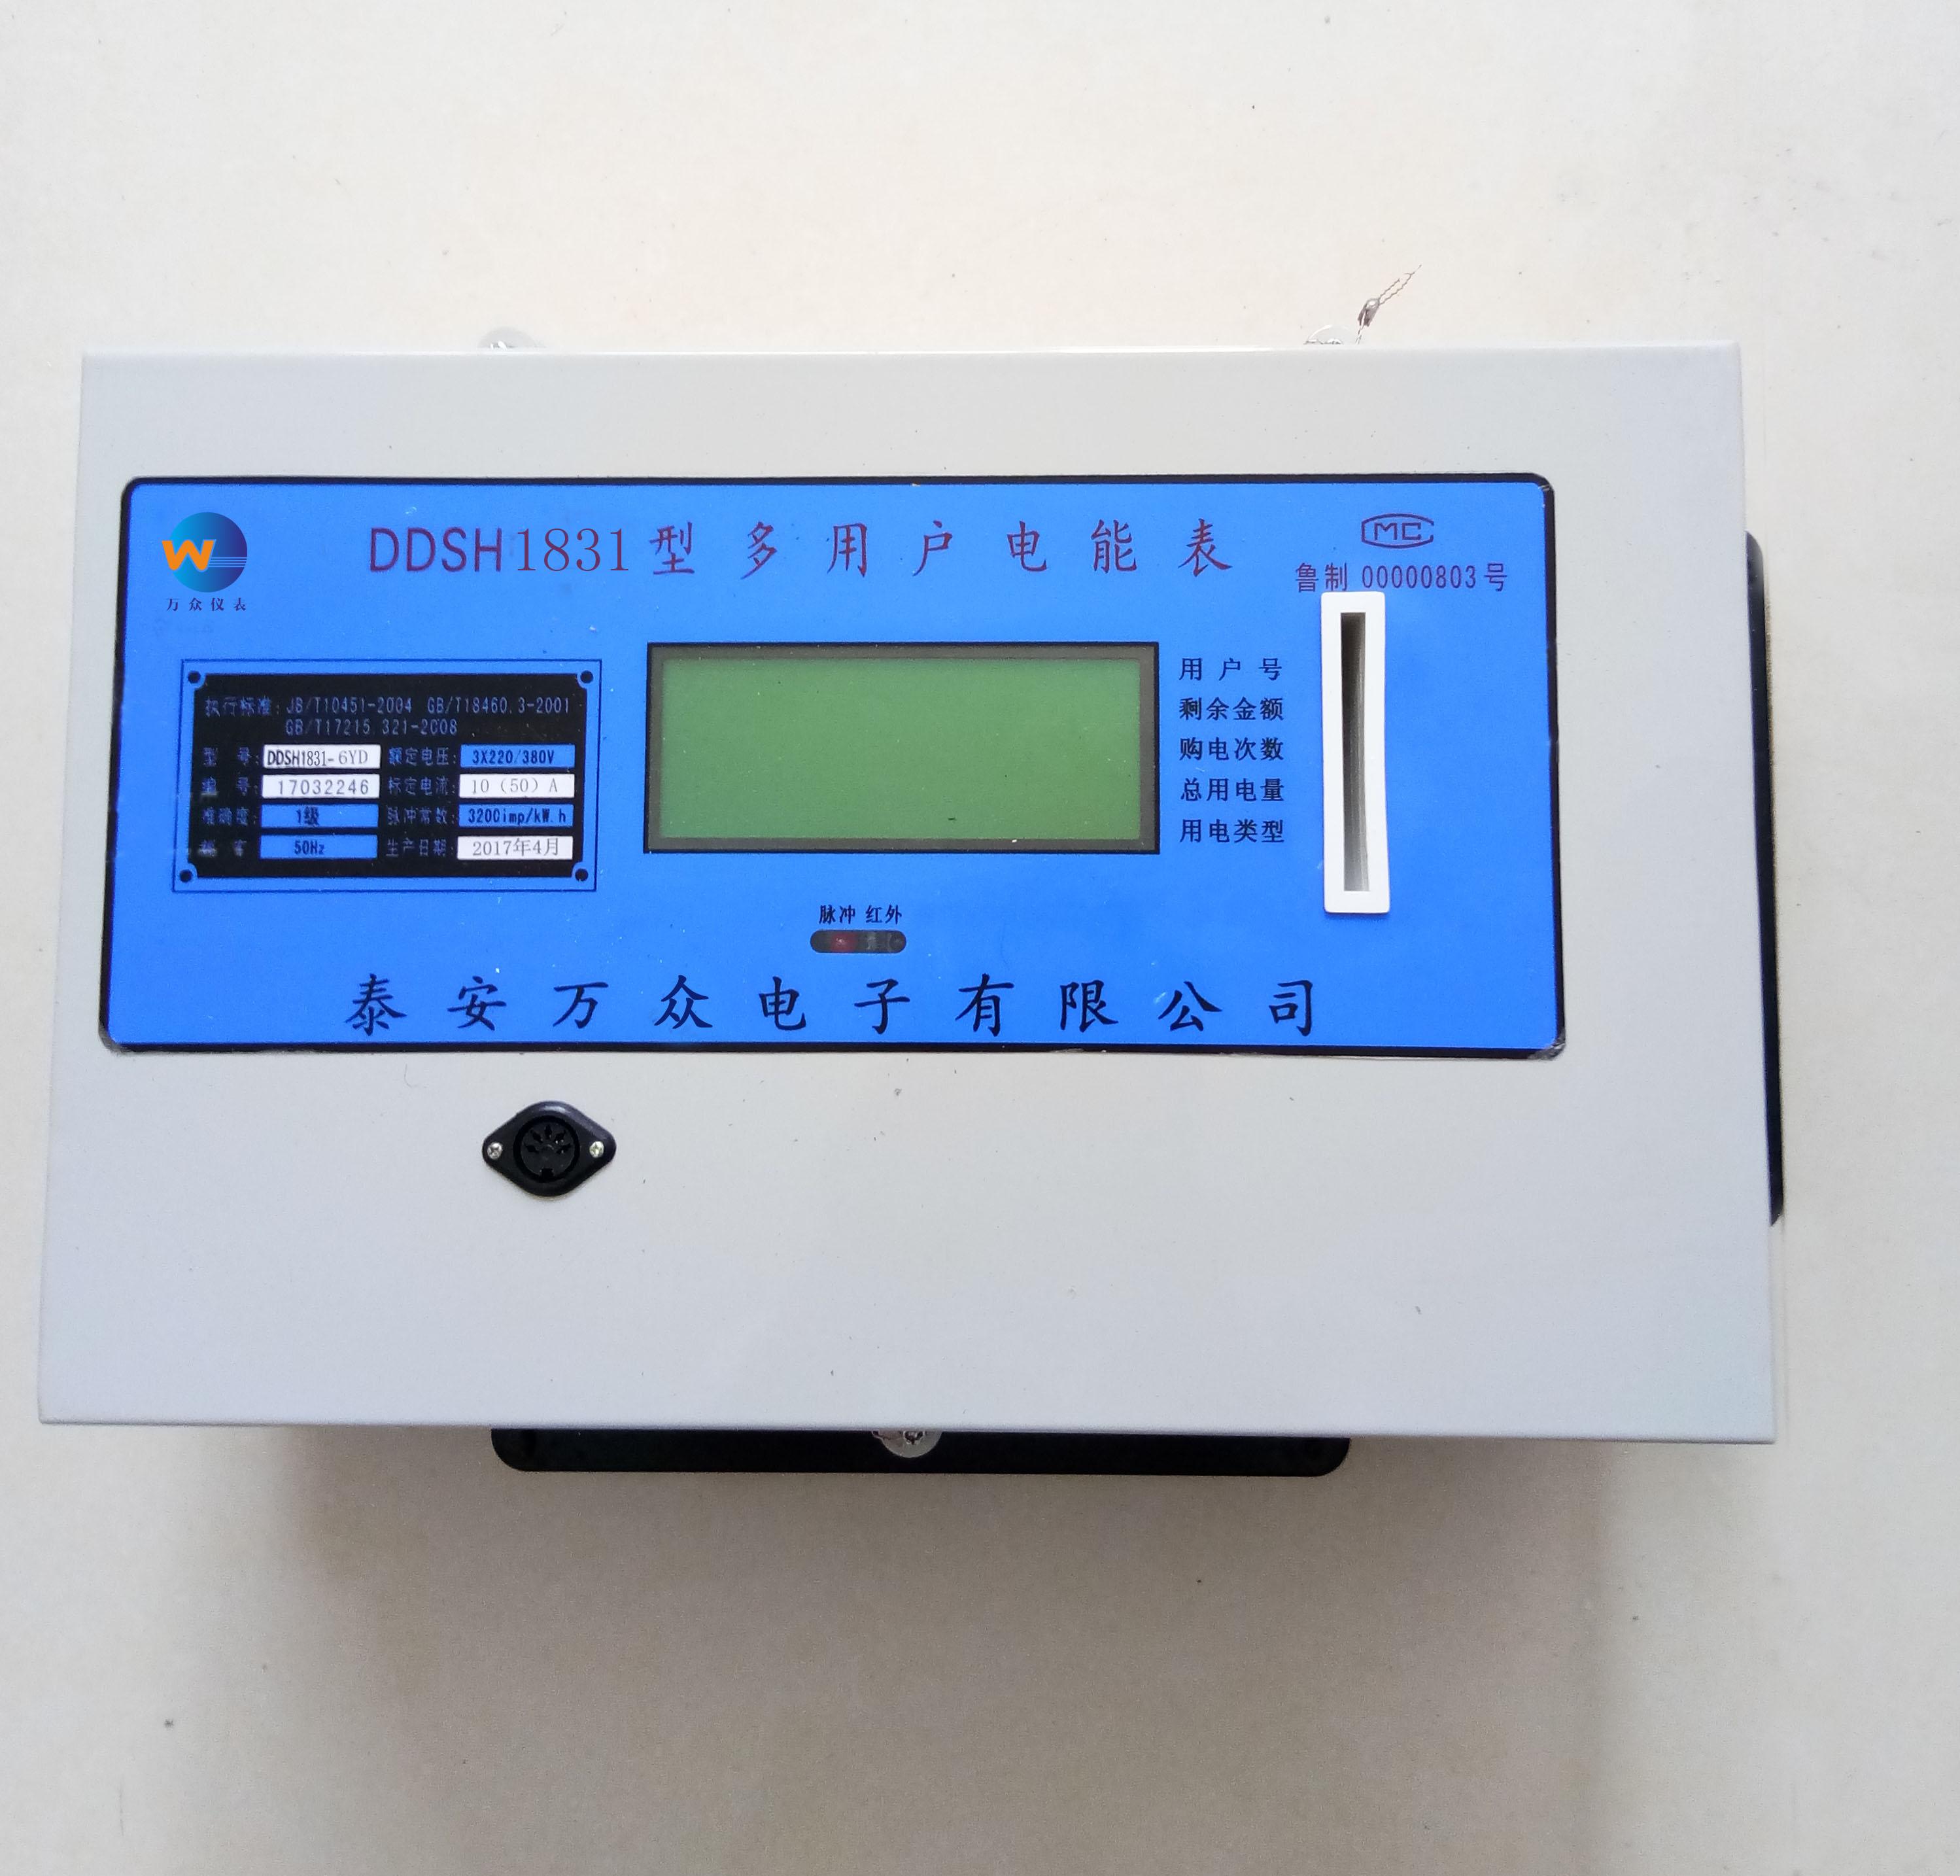 DDSH1703型射频卡多用户智能电能表,谷峰平型